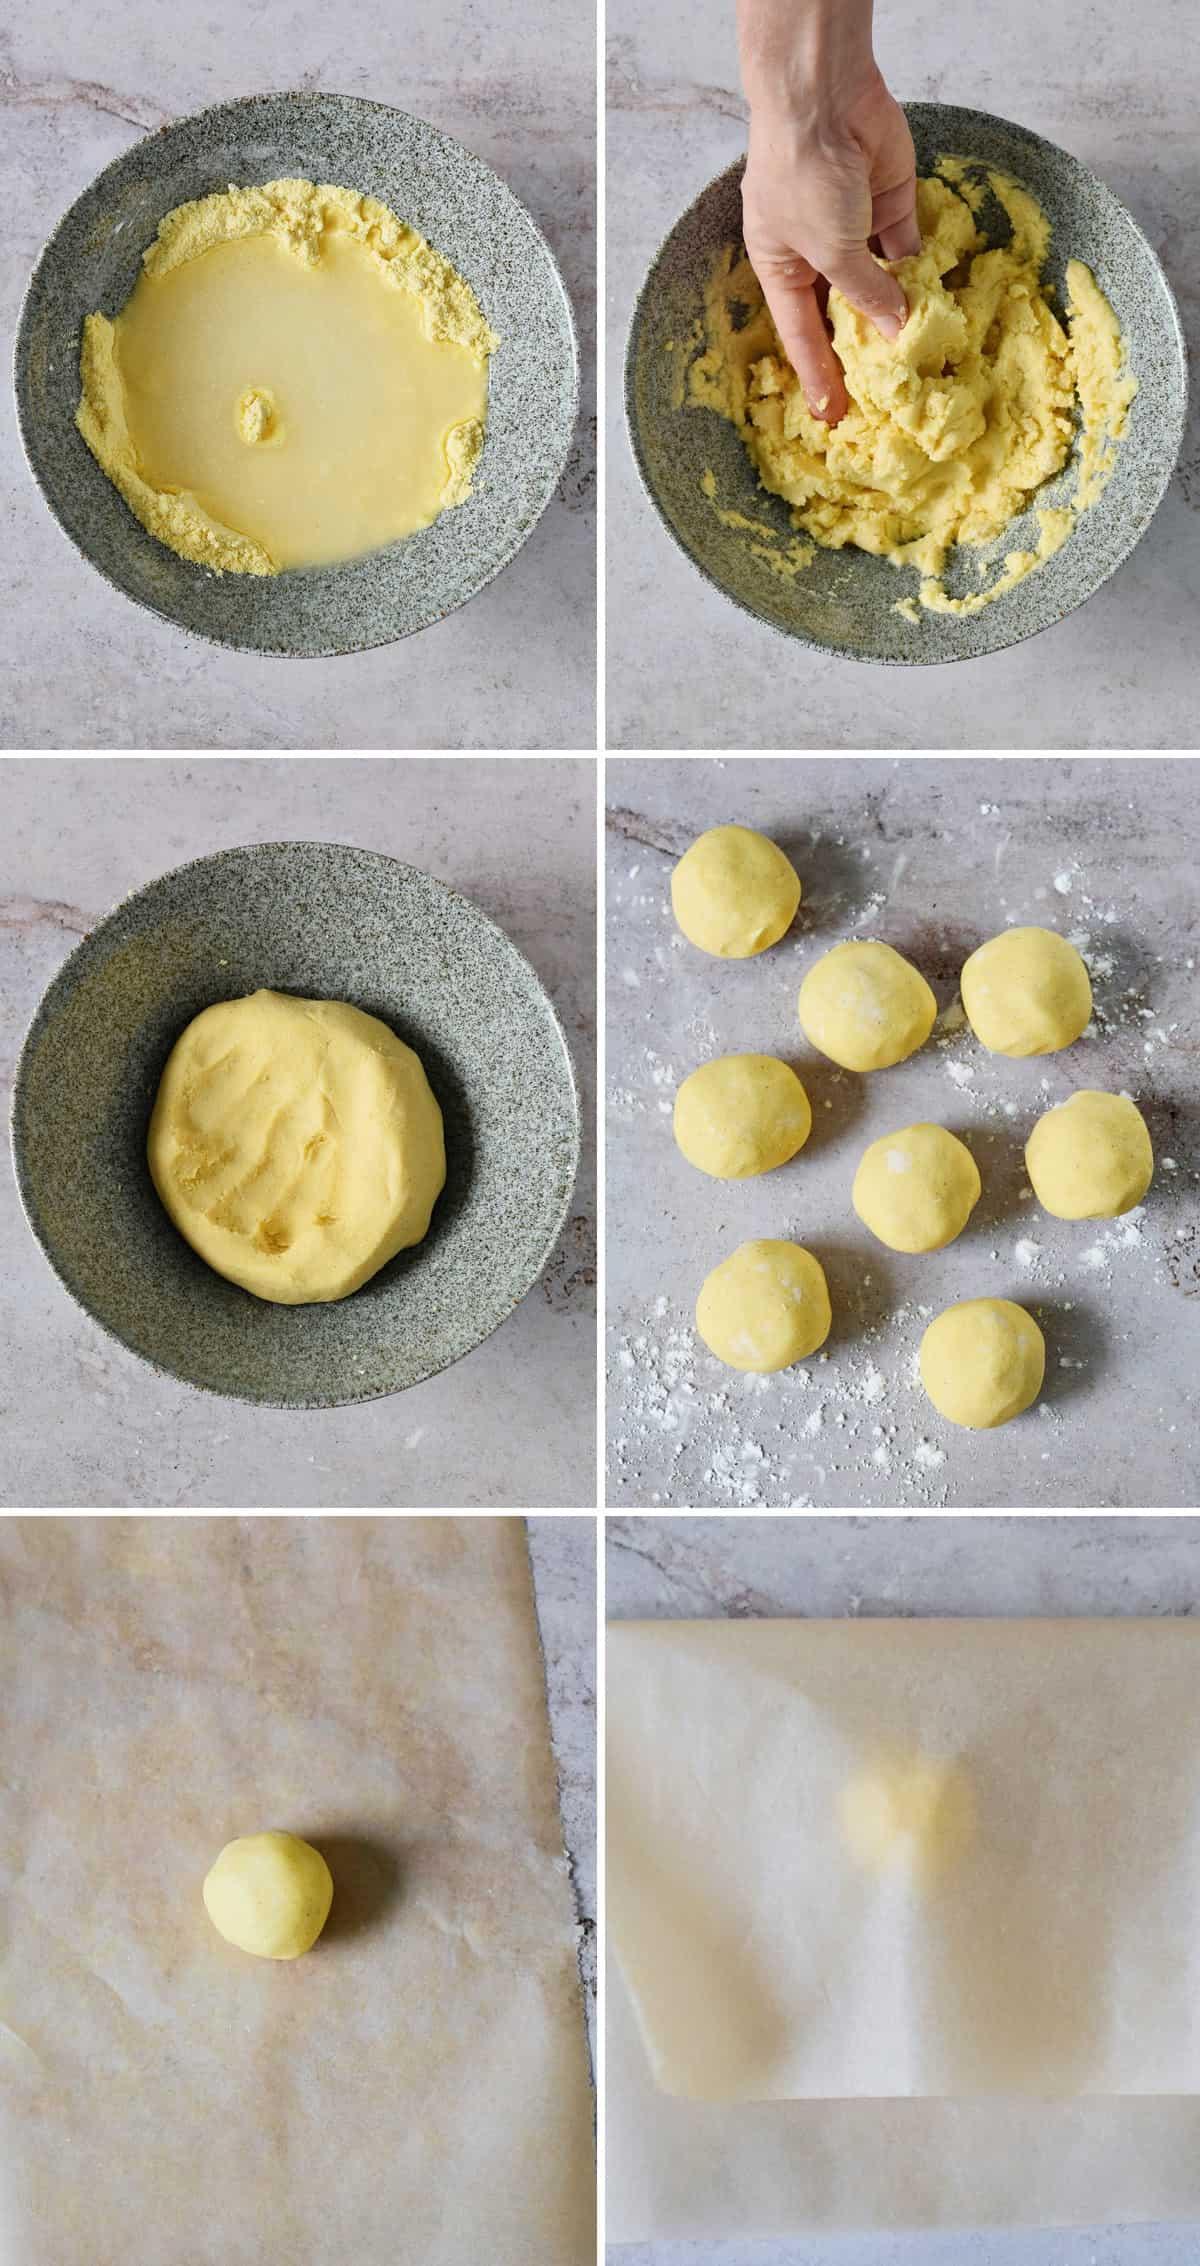 6 Schritt-für-Schritt-Fotos von der Herstellung von Empanada Teig aus vorgekochtem Maismehl